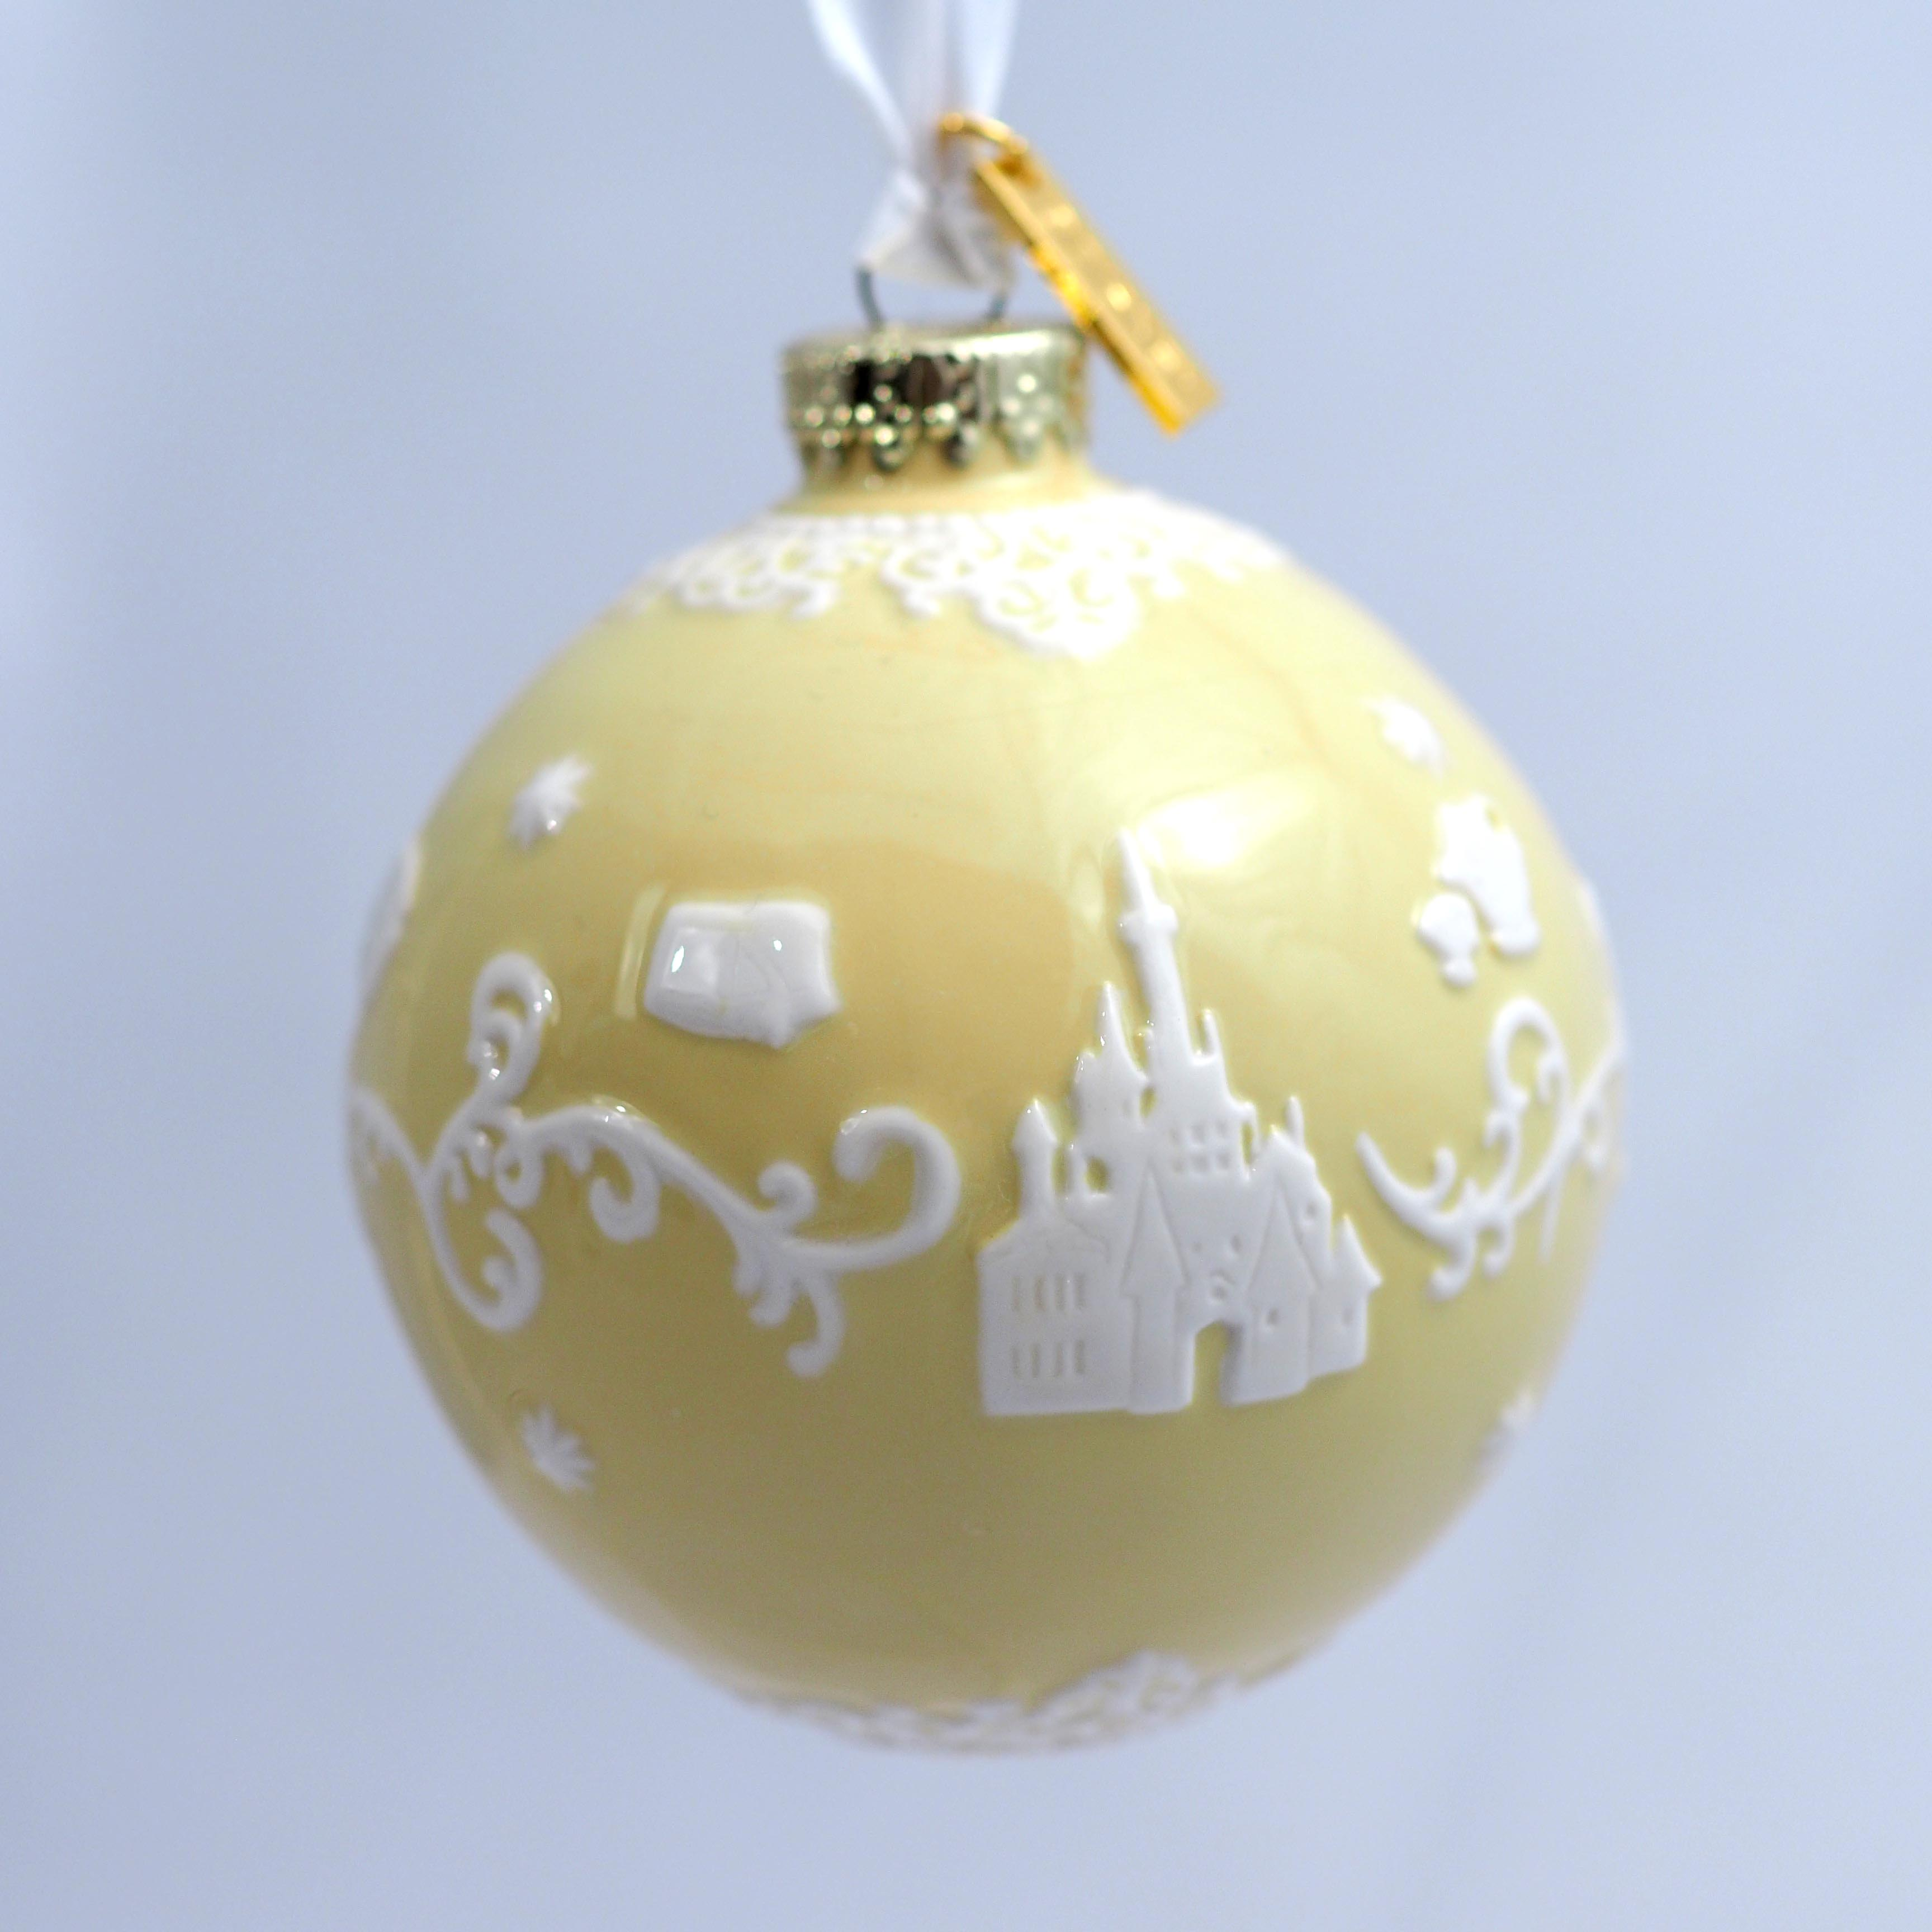 ELDPXO13702 Belle White Ornament